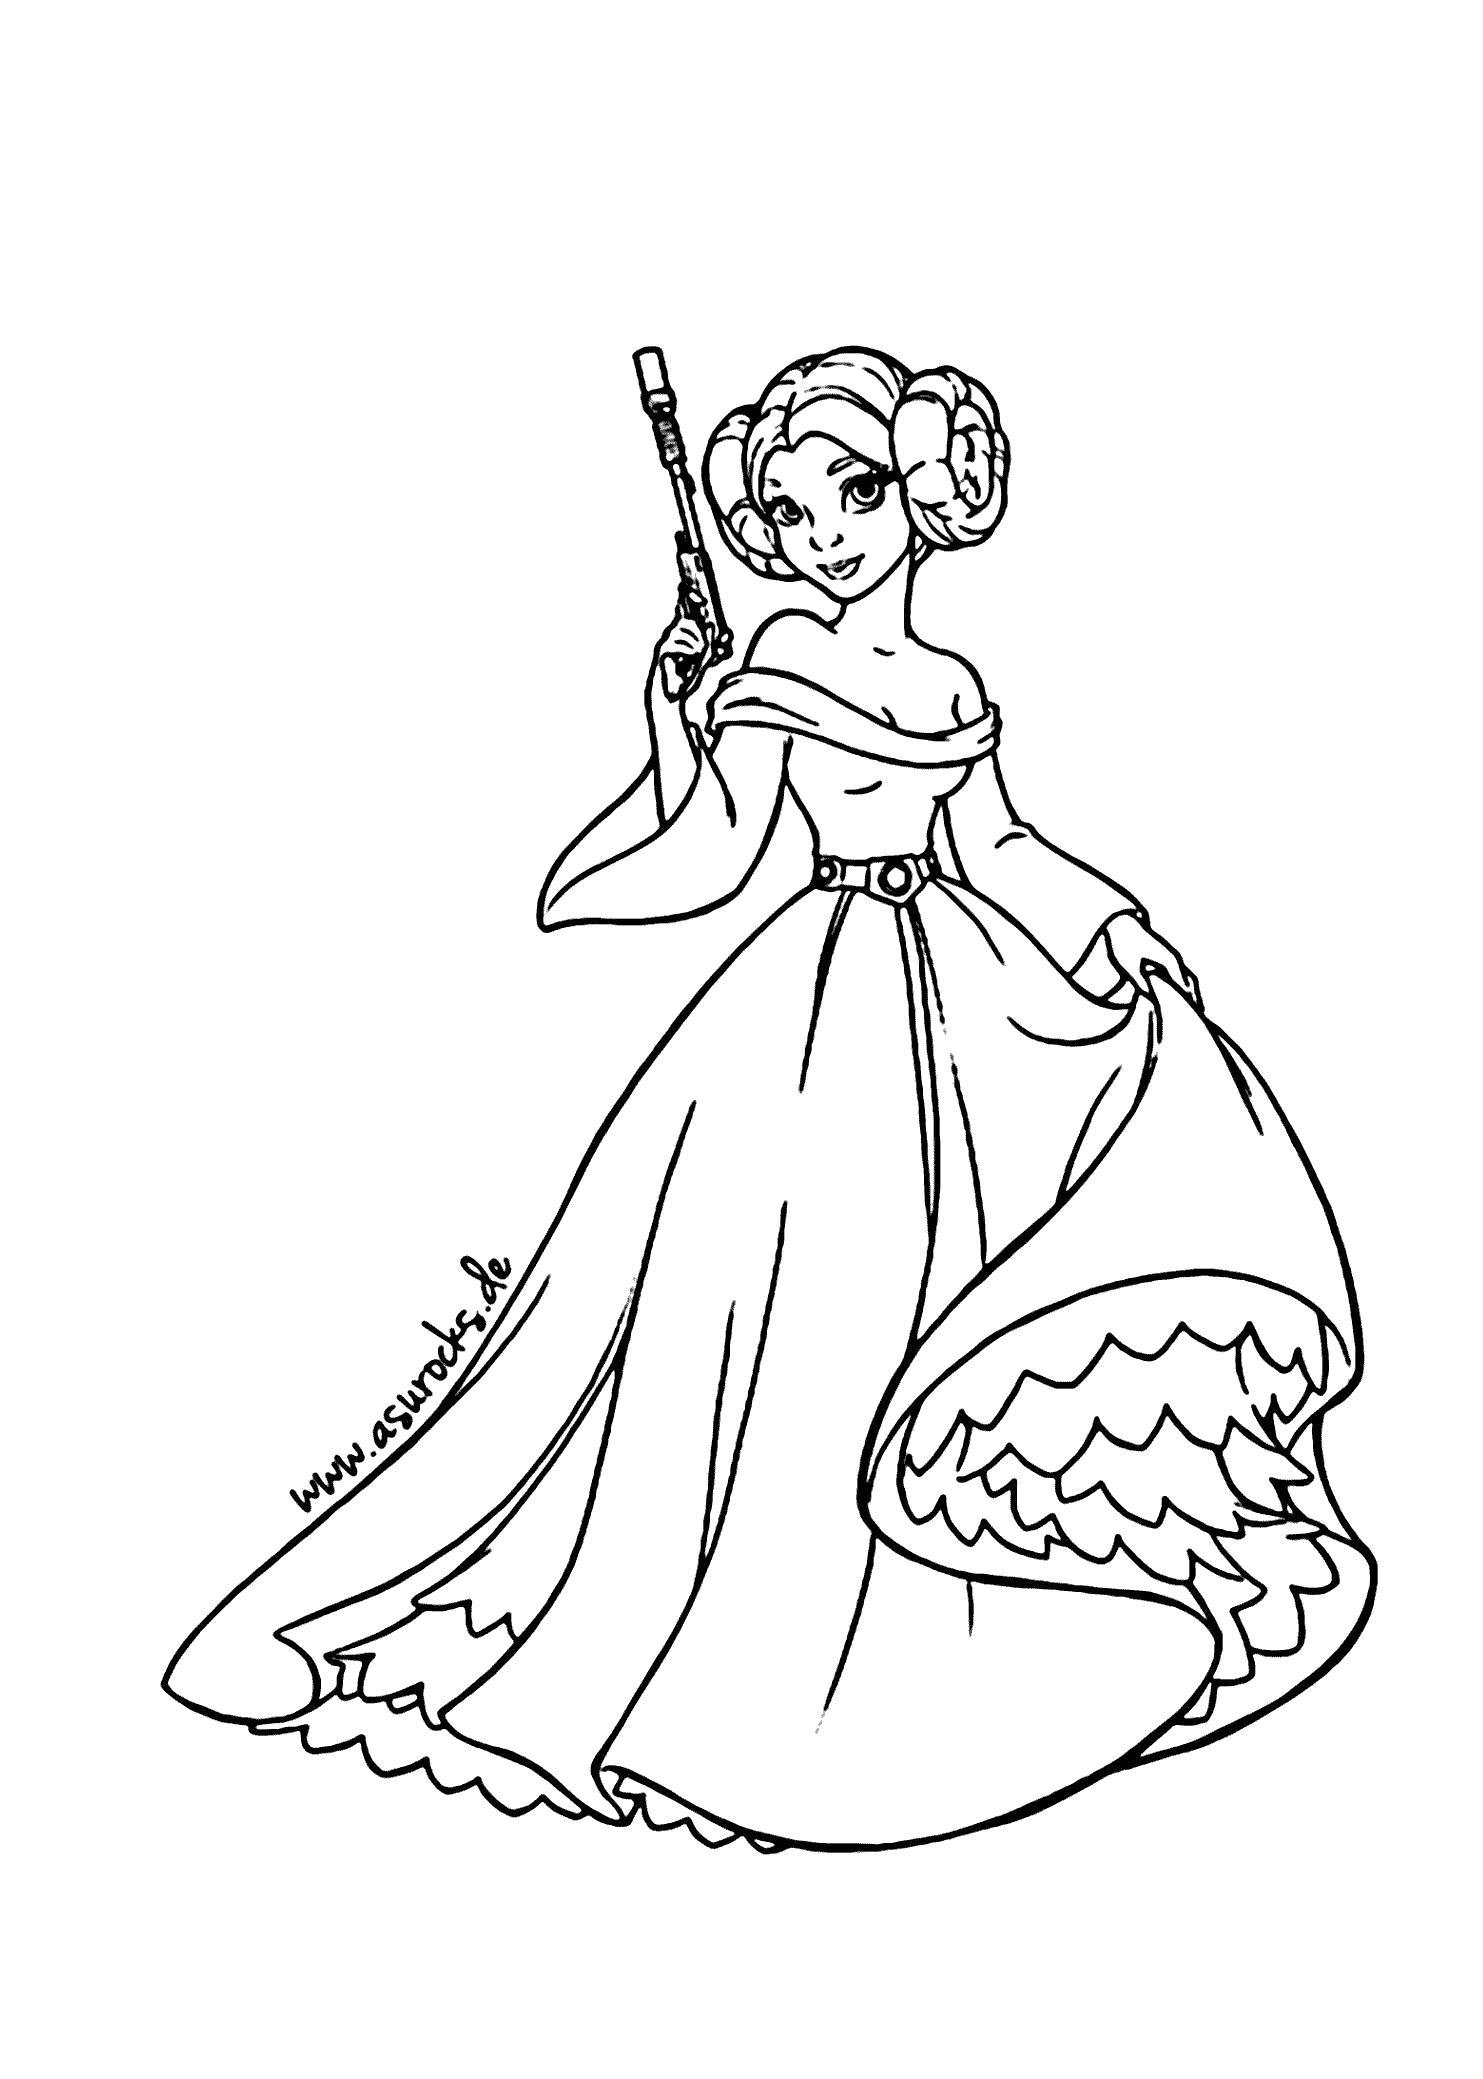 Раскраска Принцесса. Скачать принцесса.  Распечатать принцесса